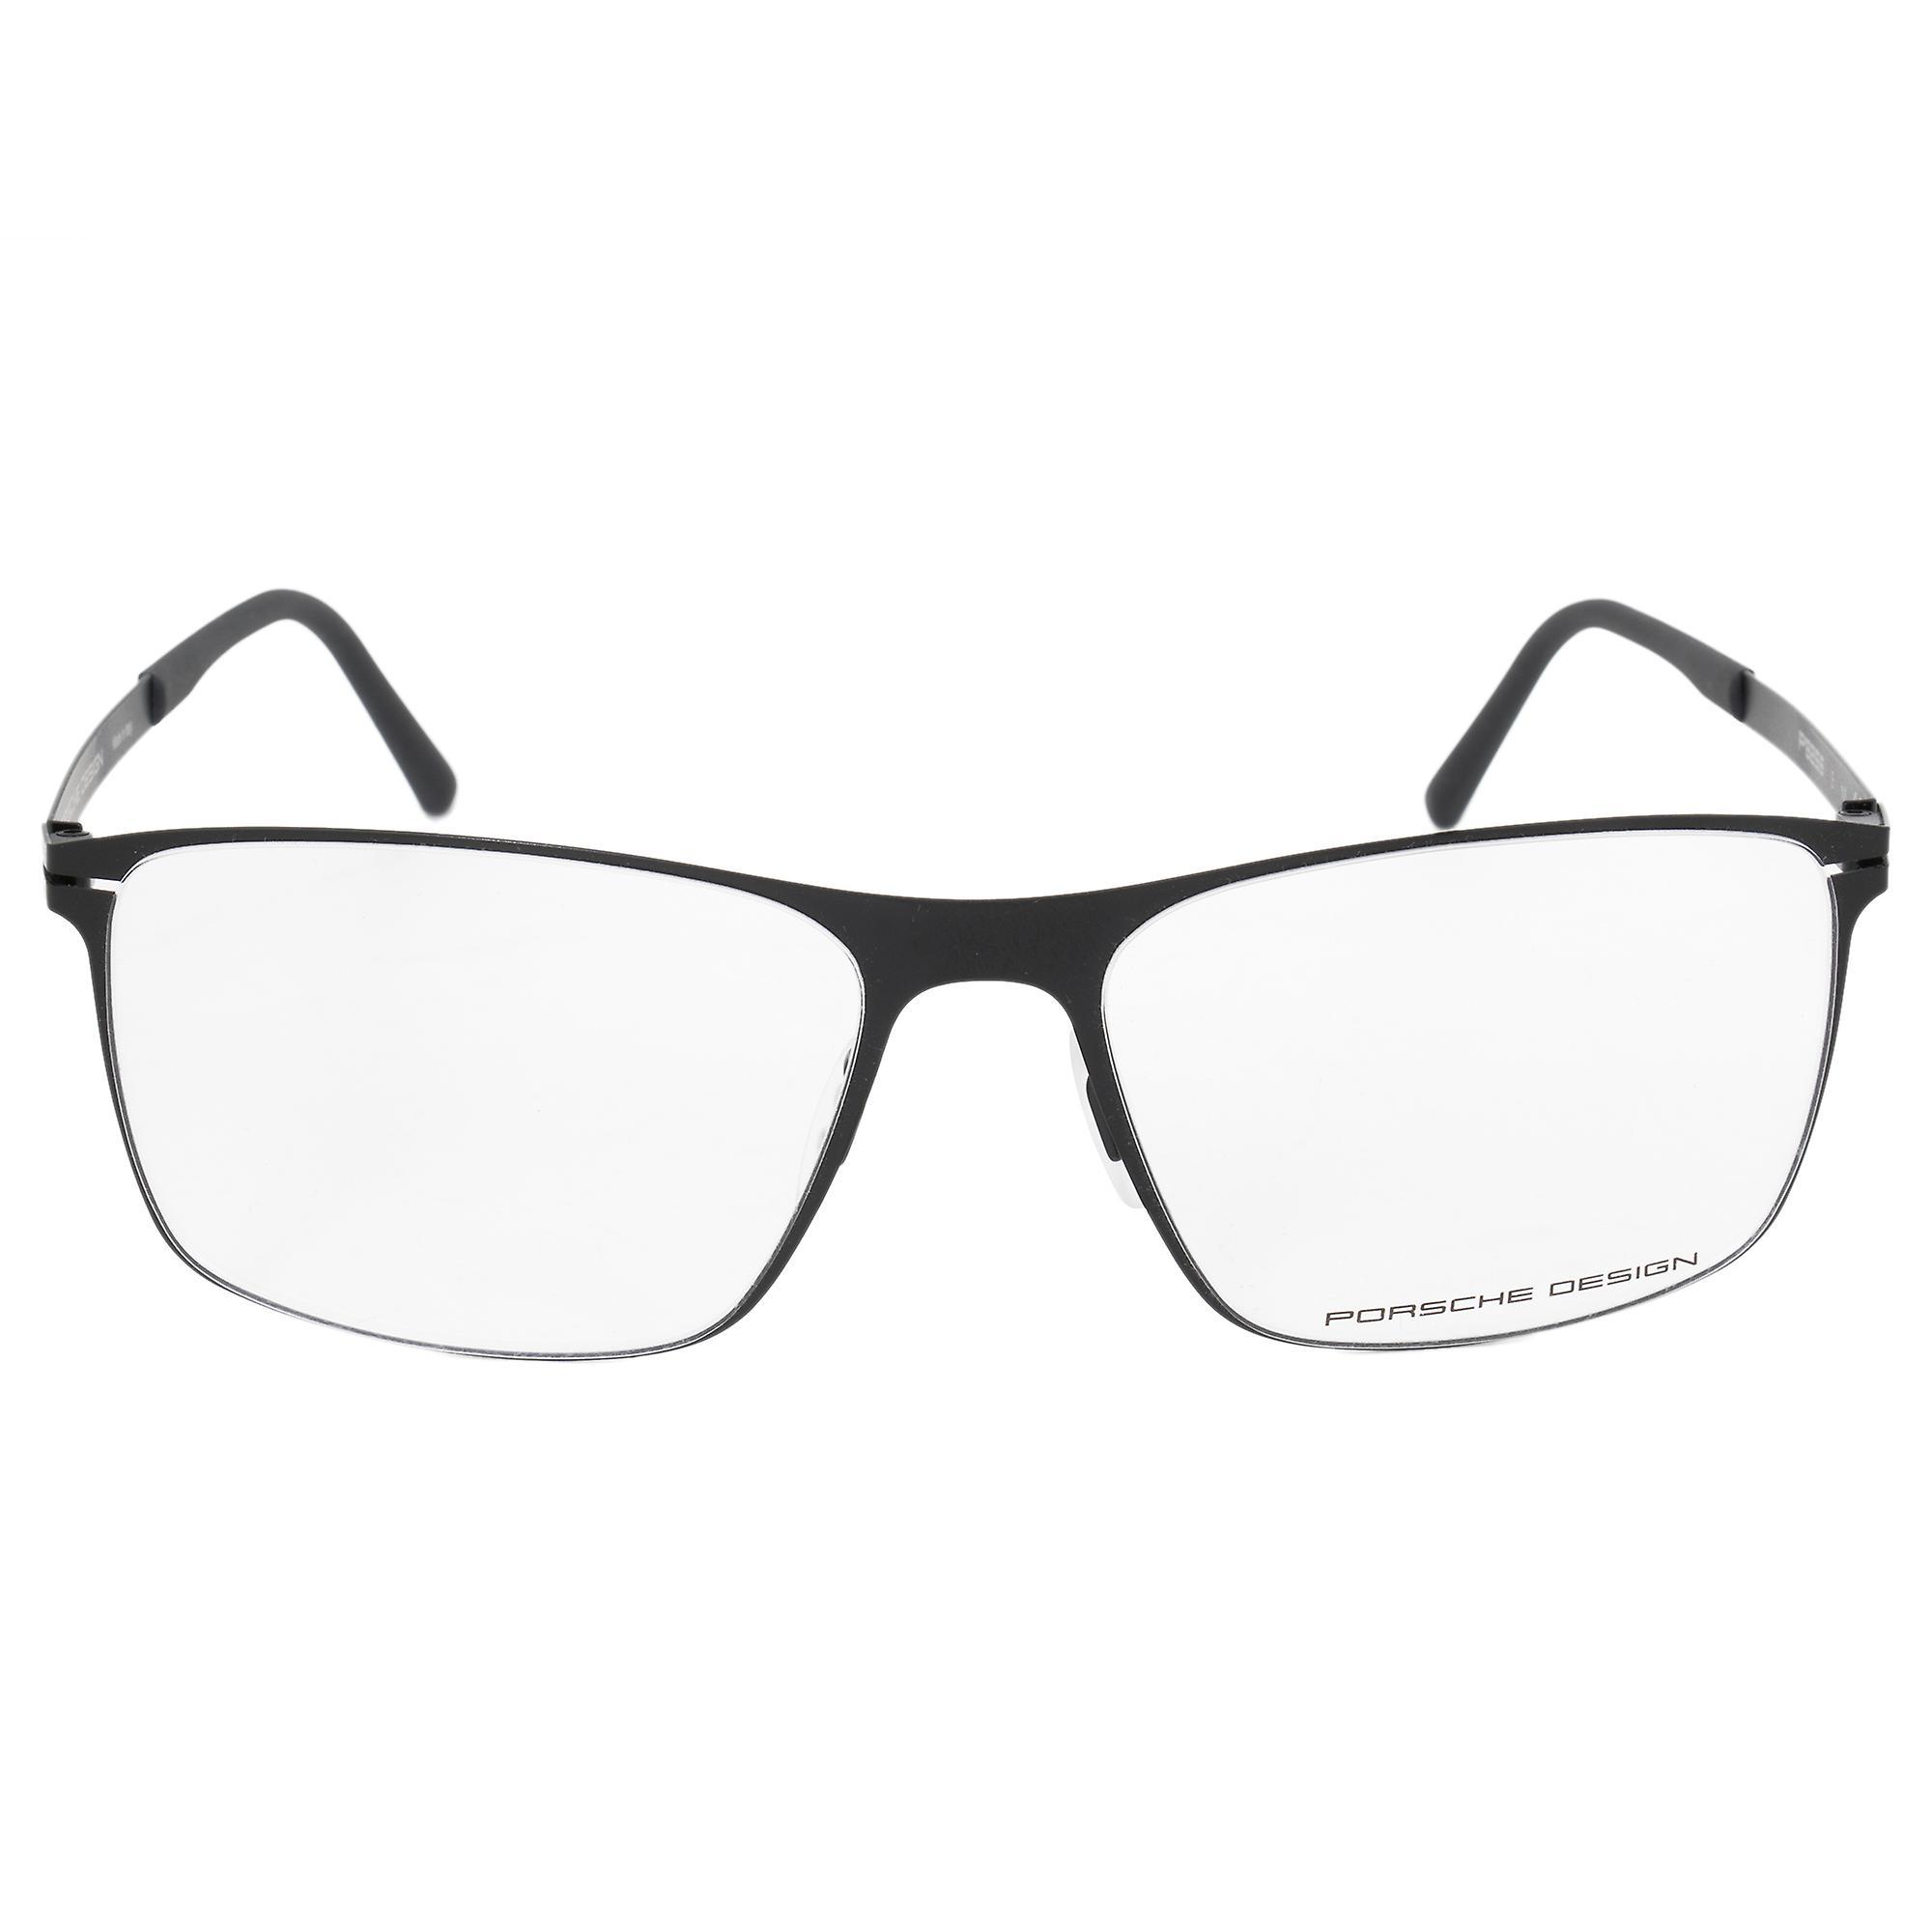 Porsche Design P8256 E Square   Matte Black  Eyeglass Frames